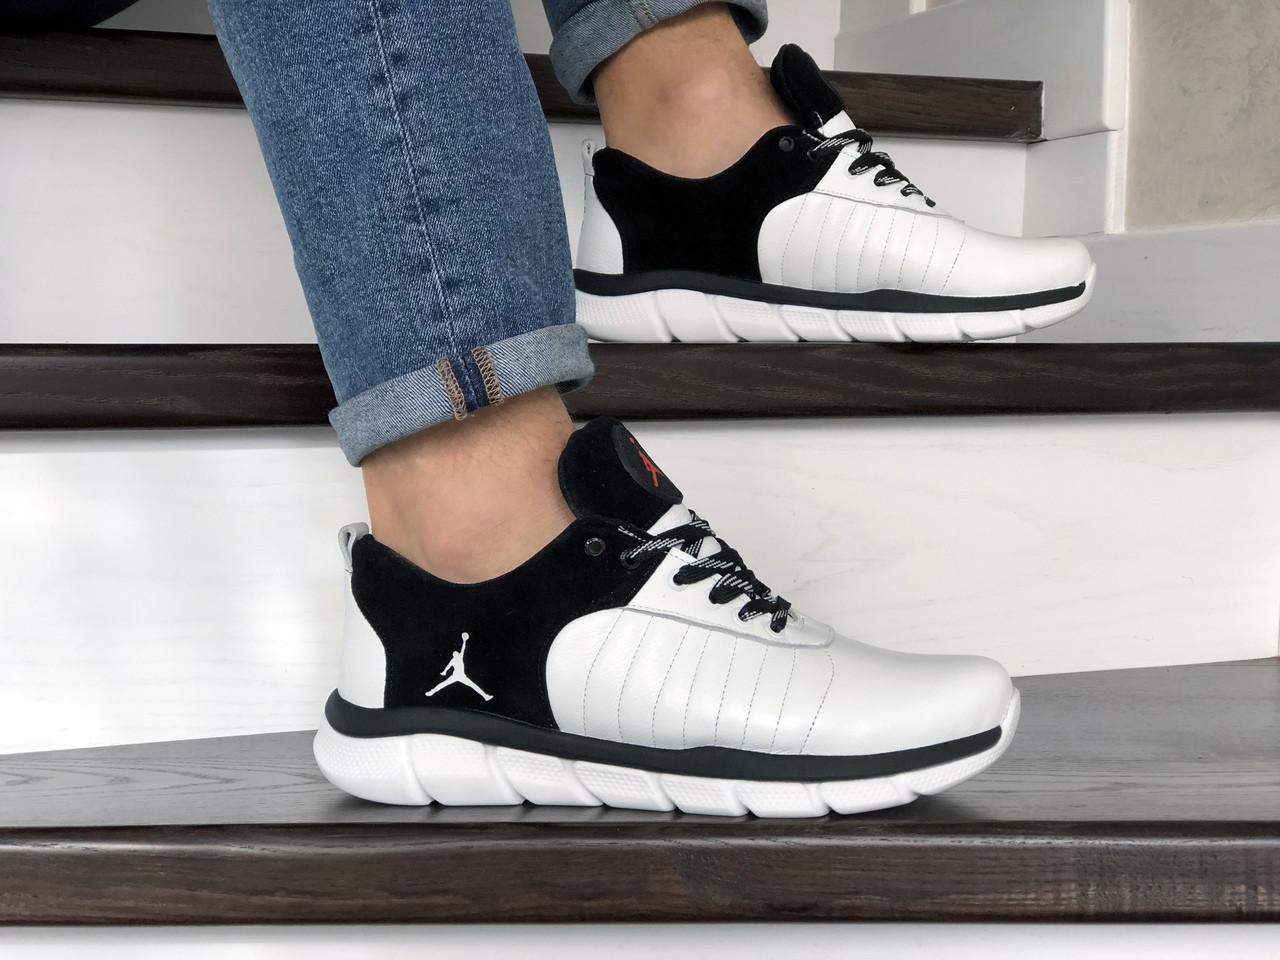 Мужские модные кроссовки Nike Air Jordan,кожаные,белые с черным